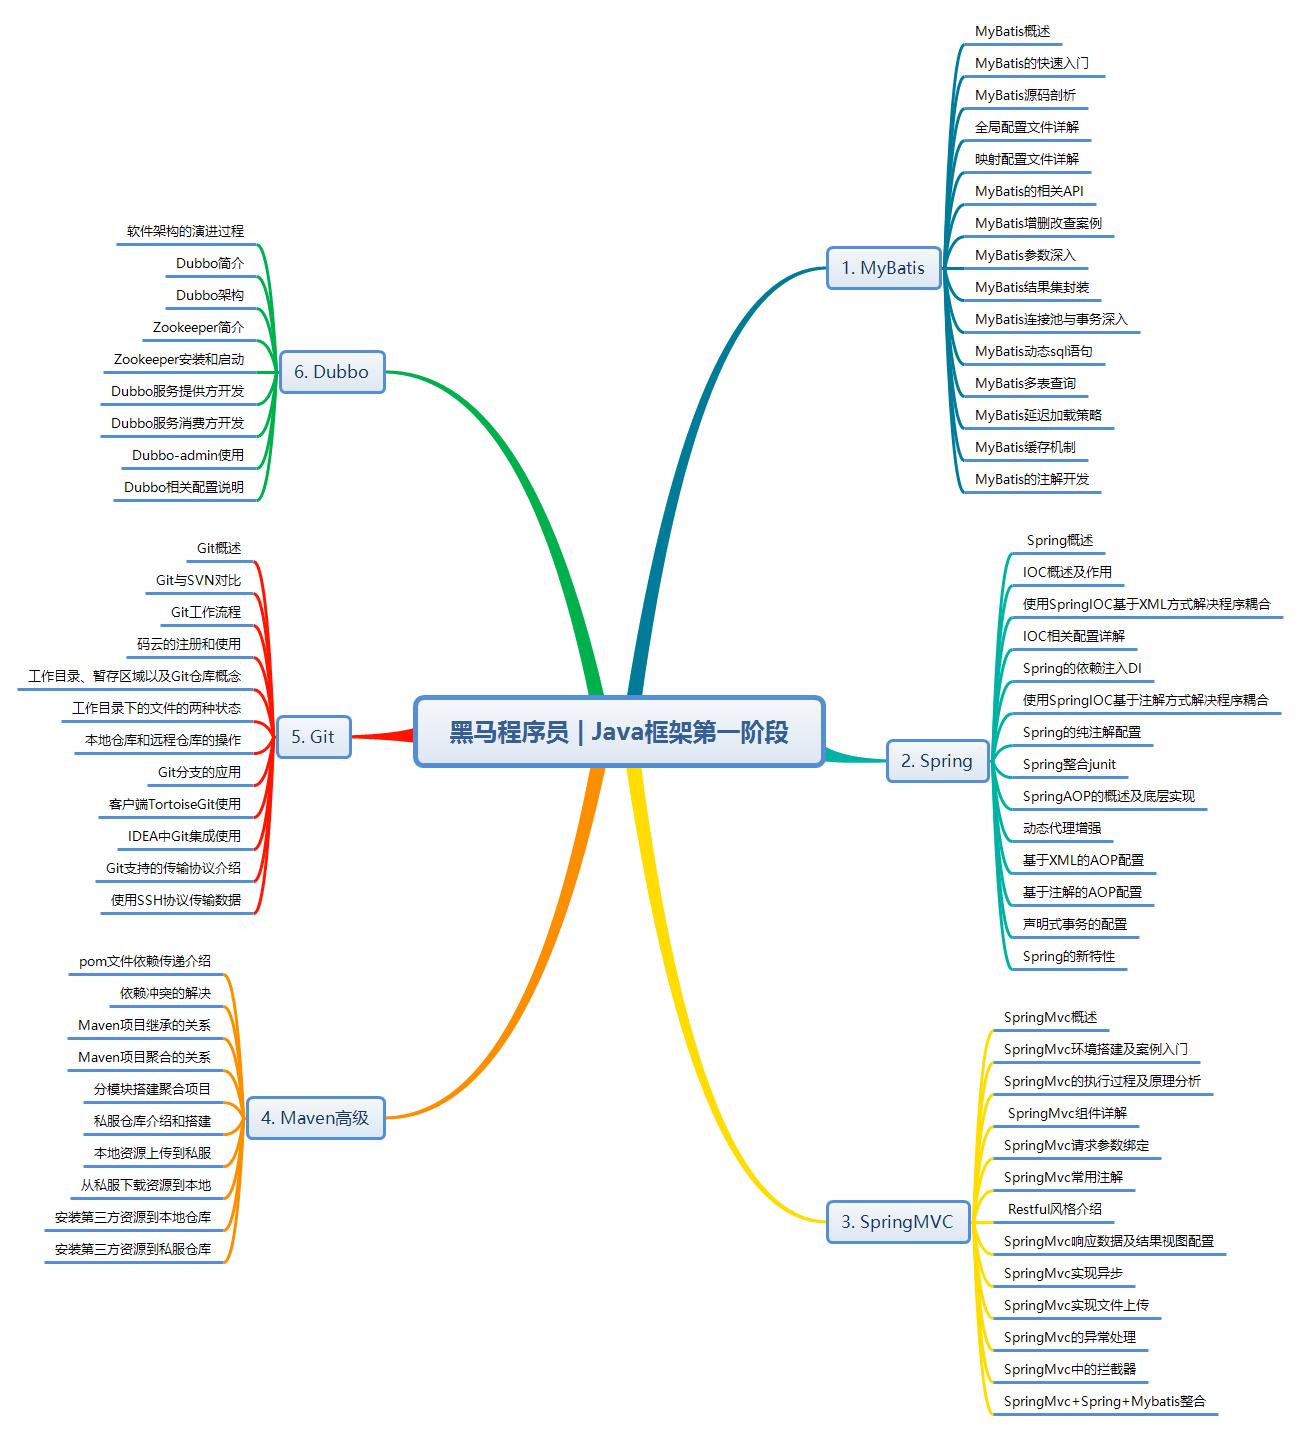 黑马程序员 Java框架第一阶段技术要点